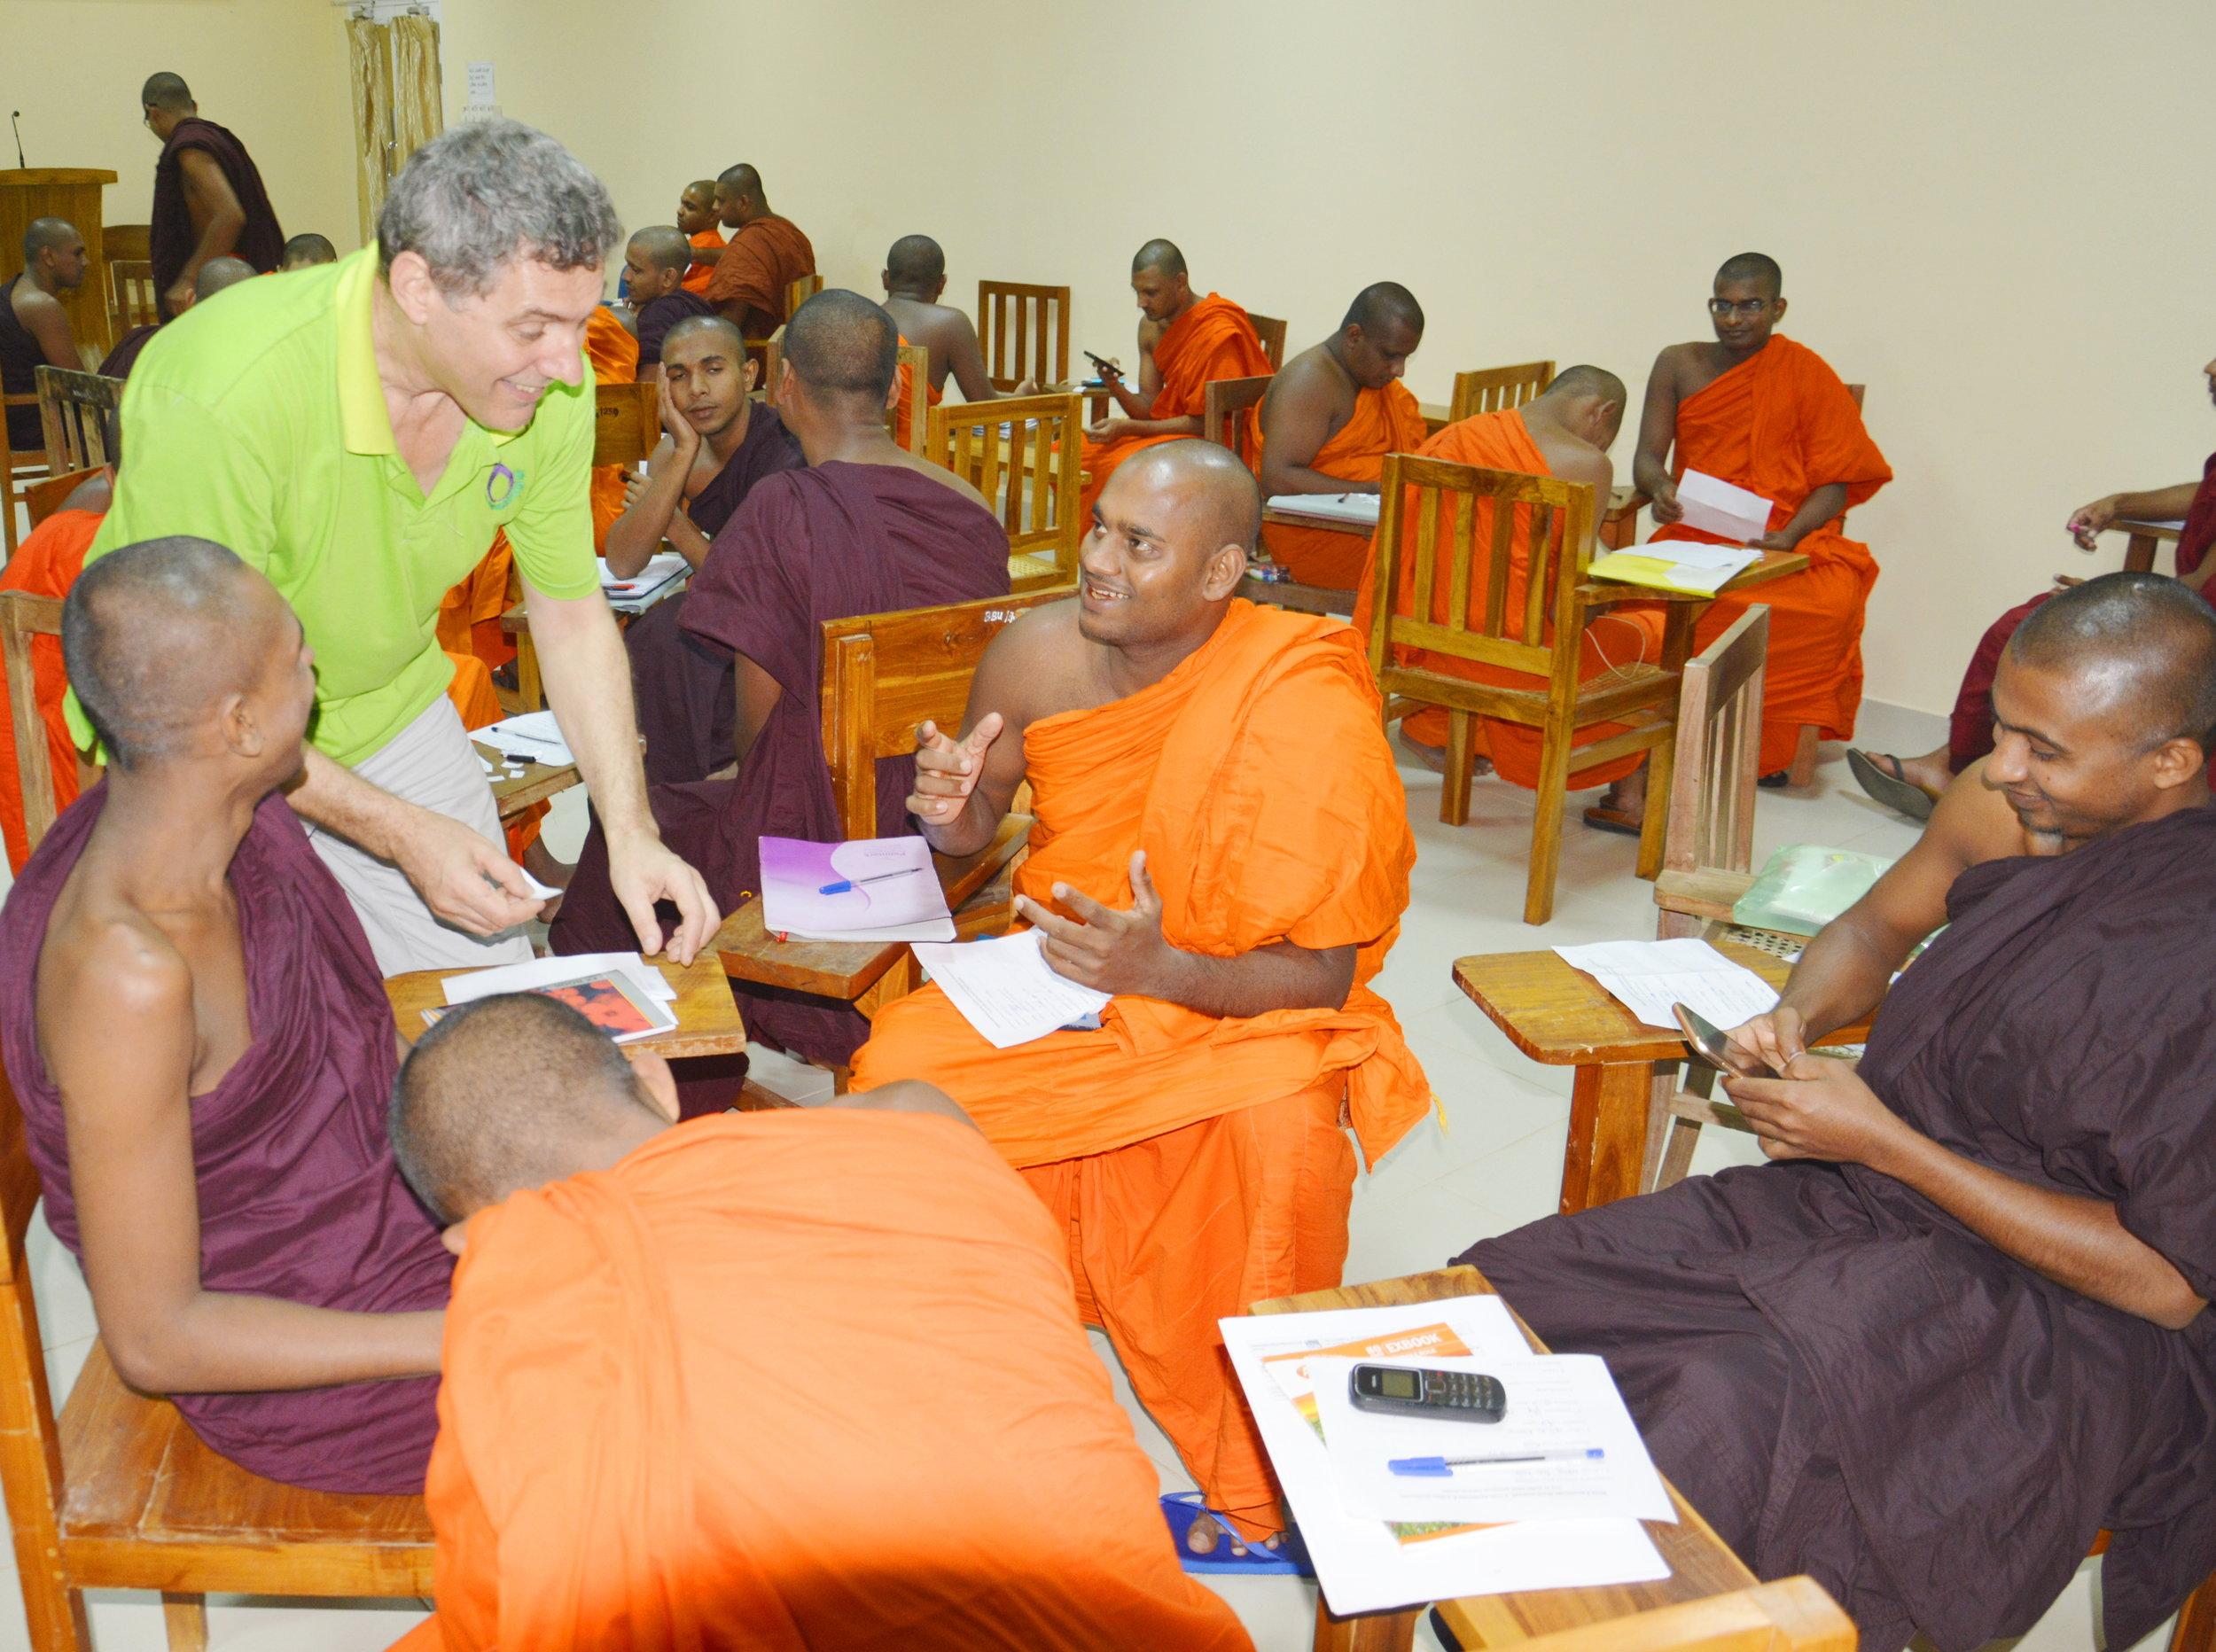 Explaining an English language learning game to monks of the Bhiksu University